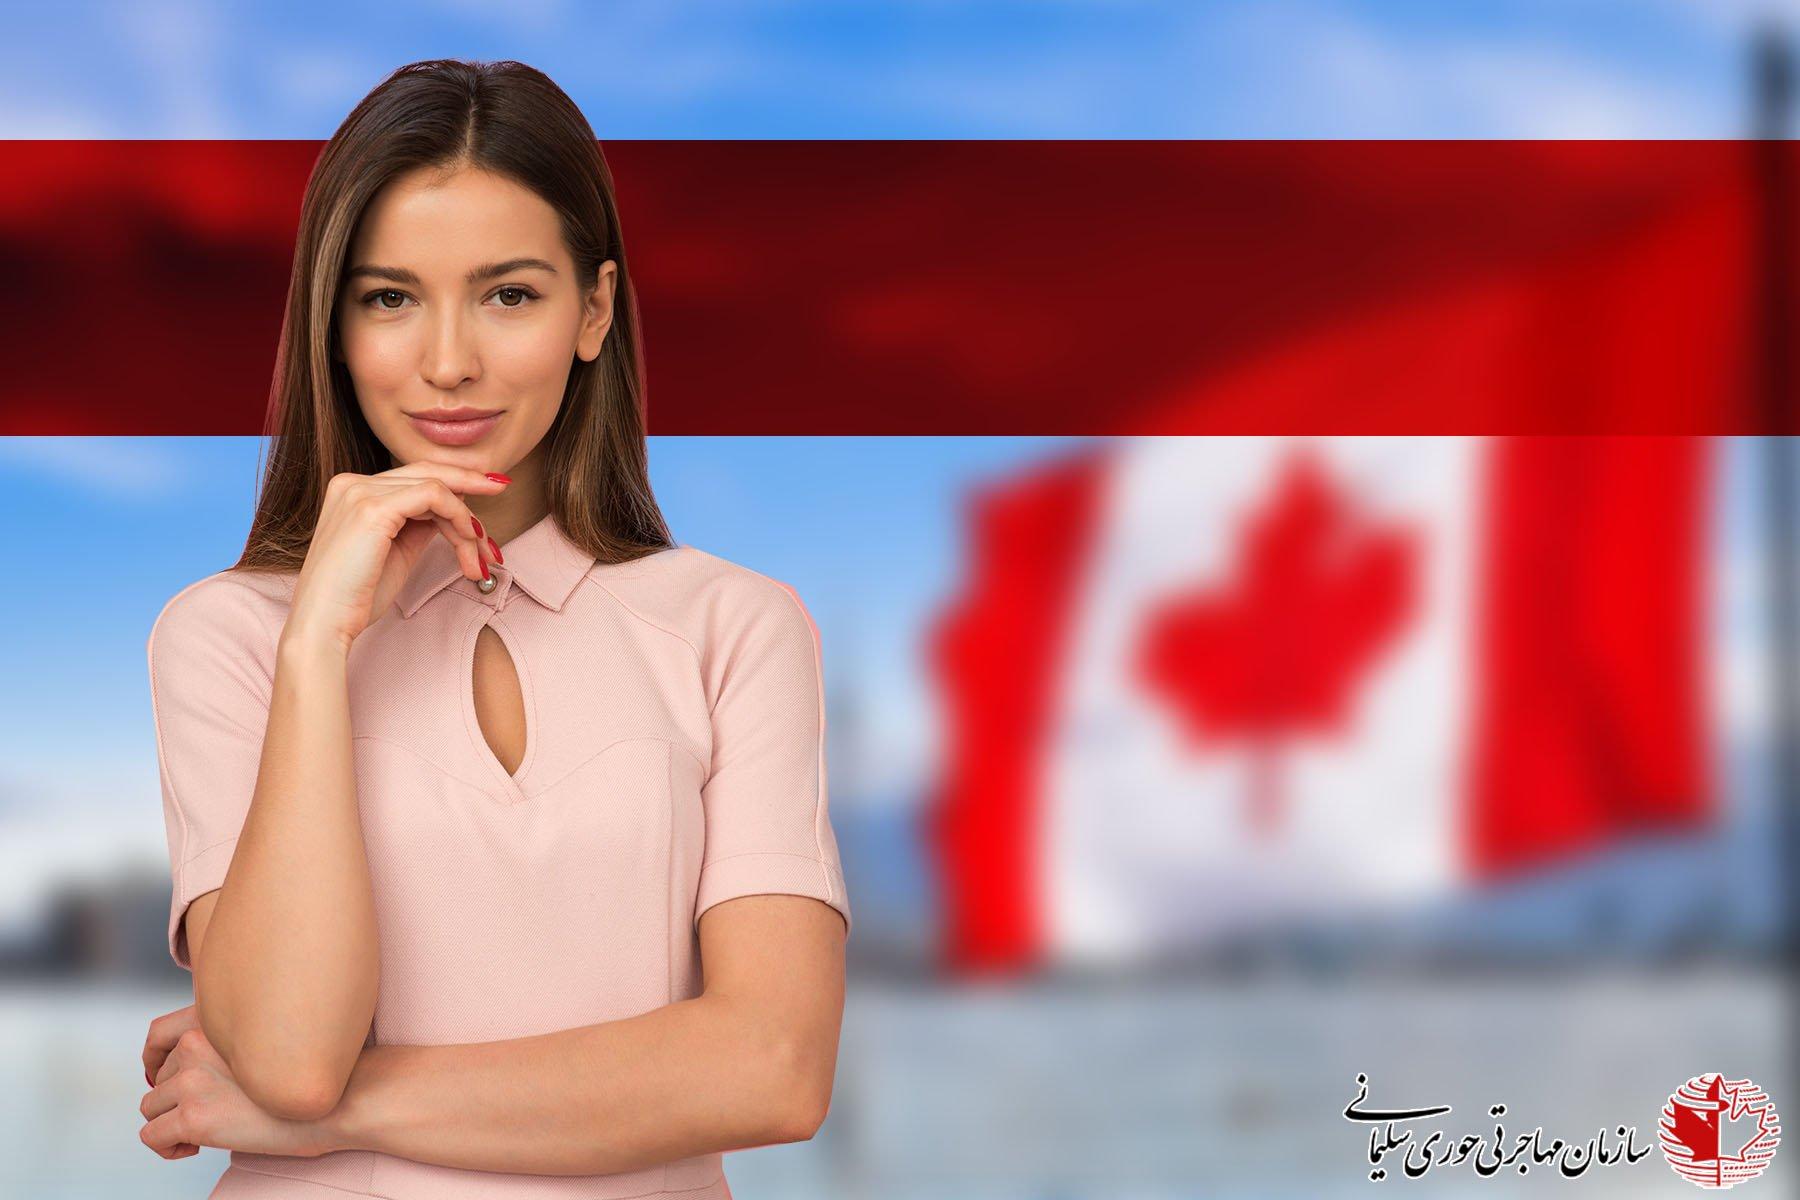 نقش زنان در اقتصاد کانادا